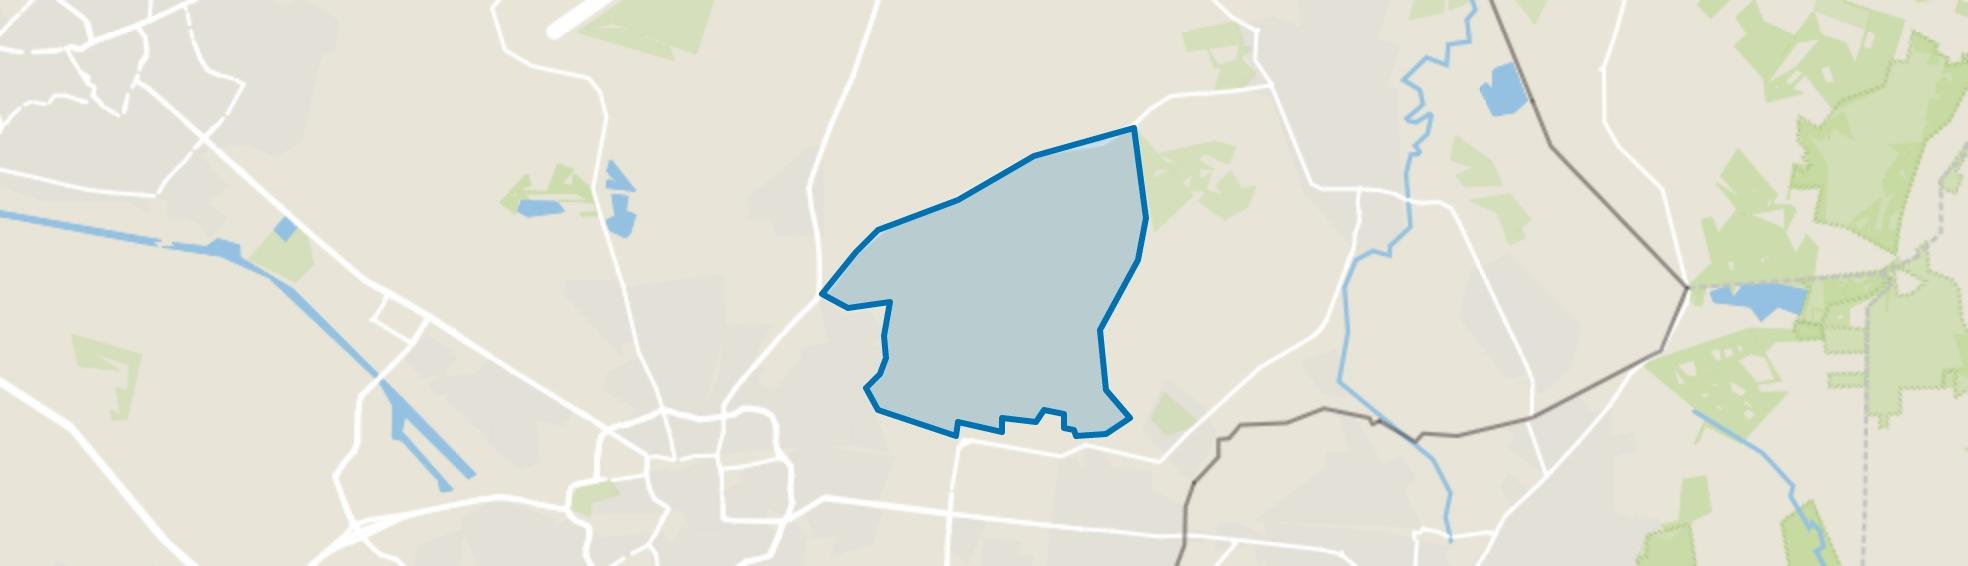 Noord Esmarke, Enschede map